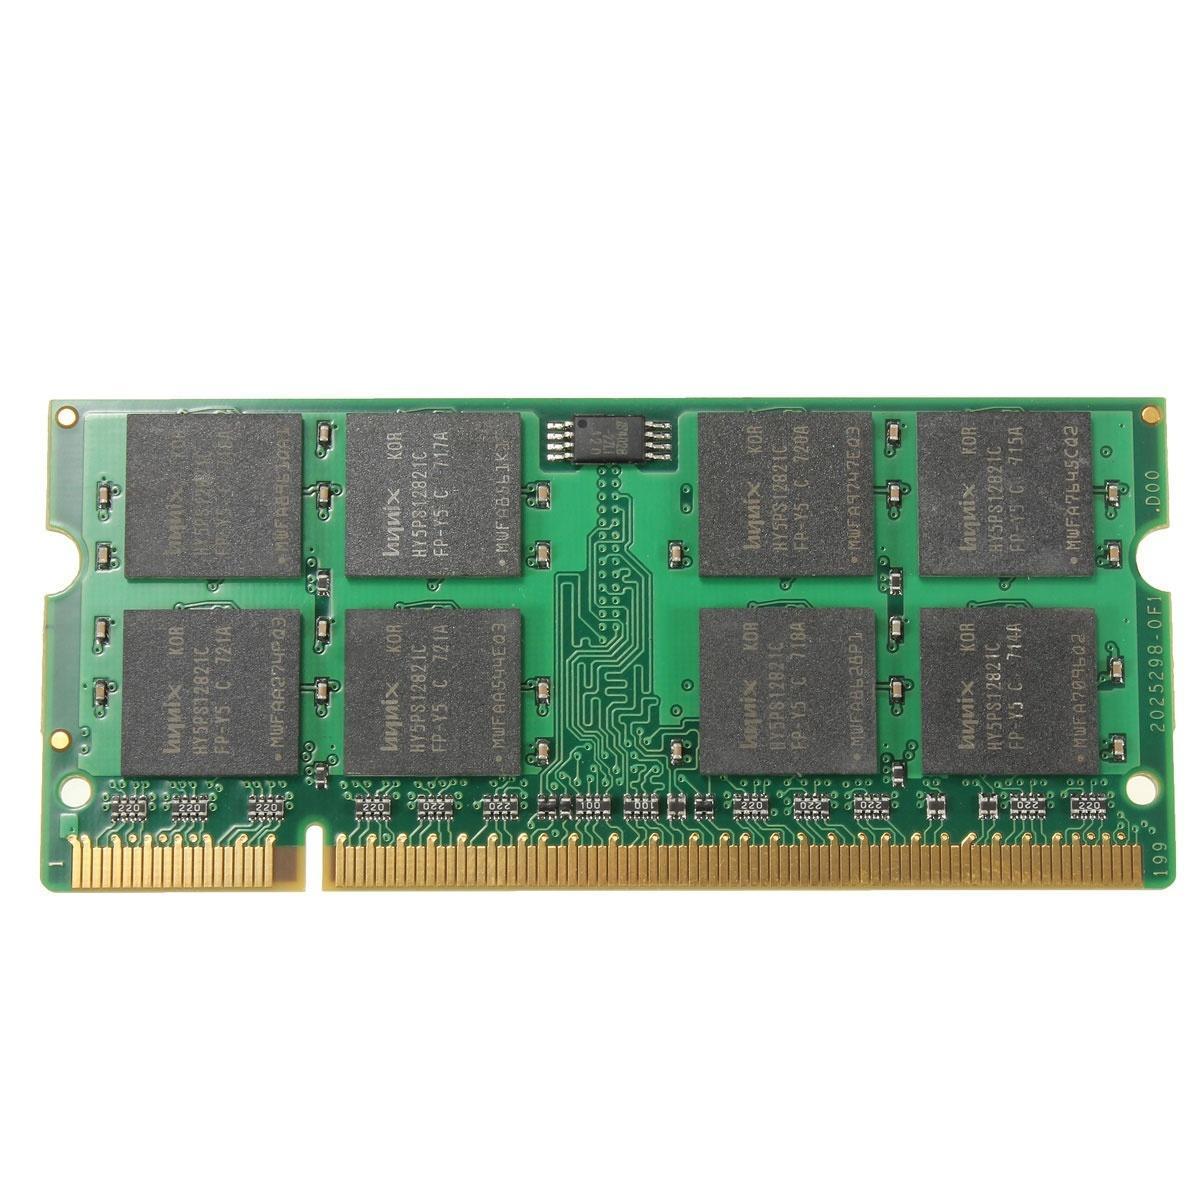 1GB DDR2 800 МГц PC2-6400 не ECC ноутбук ноутбук PC DIMM памяти ОЗУ 200 булавки for 2gb 1x2gb pc2 6400 ddr2 800 450260 b21 460424 001 with 1 year warranty